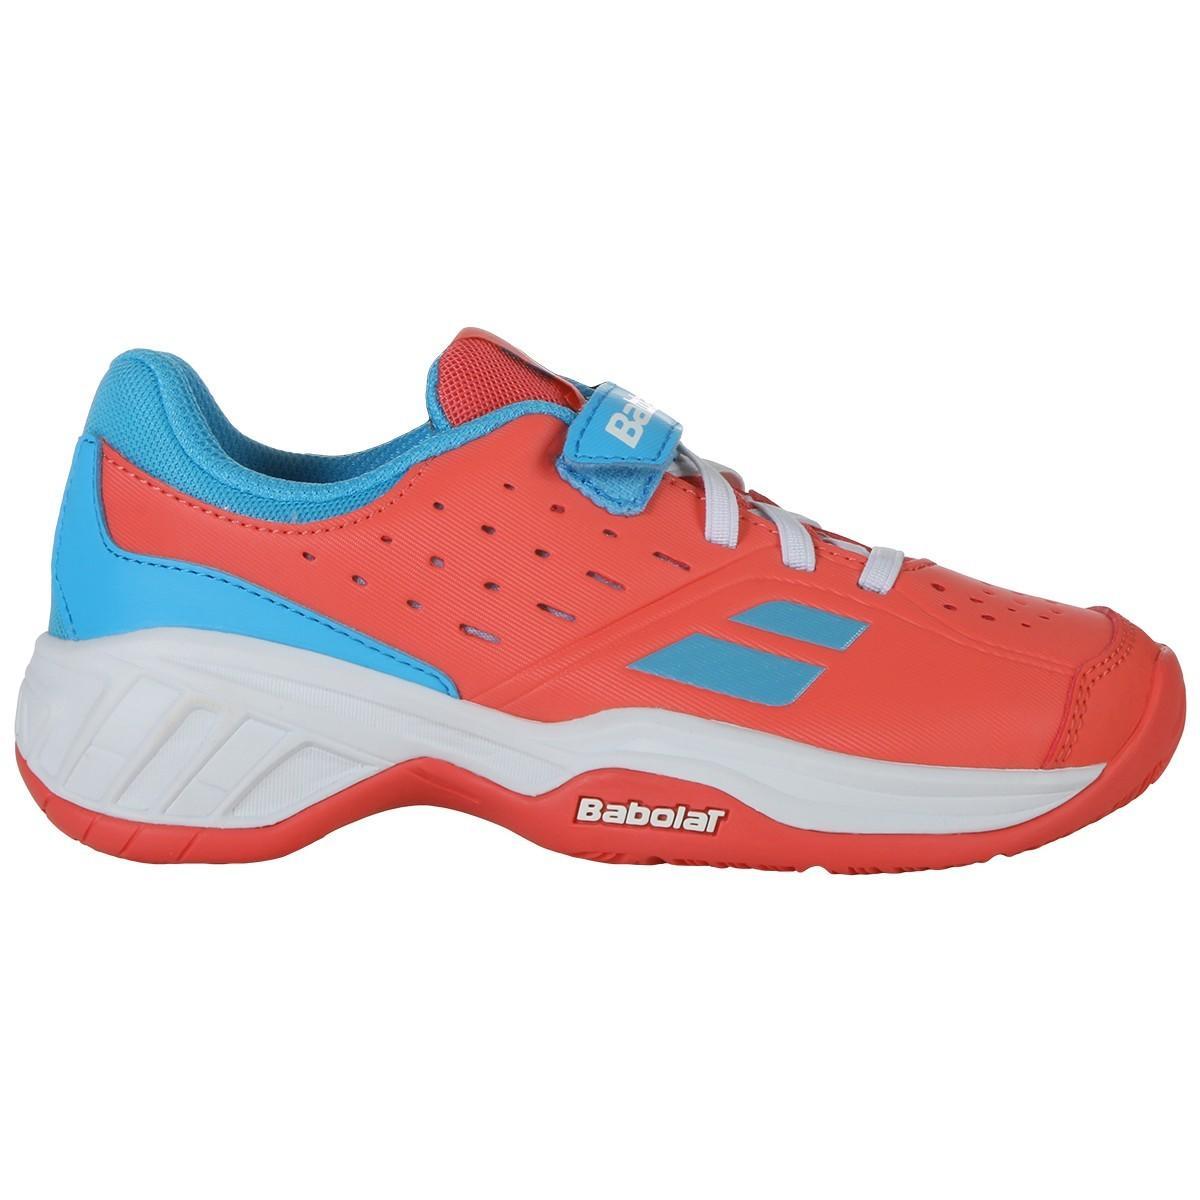 Детские теннисные кроссовки Babolat Pulsion All Court Kid pink/sky blue